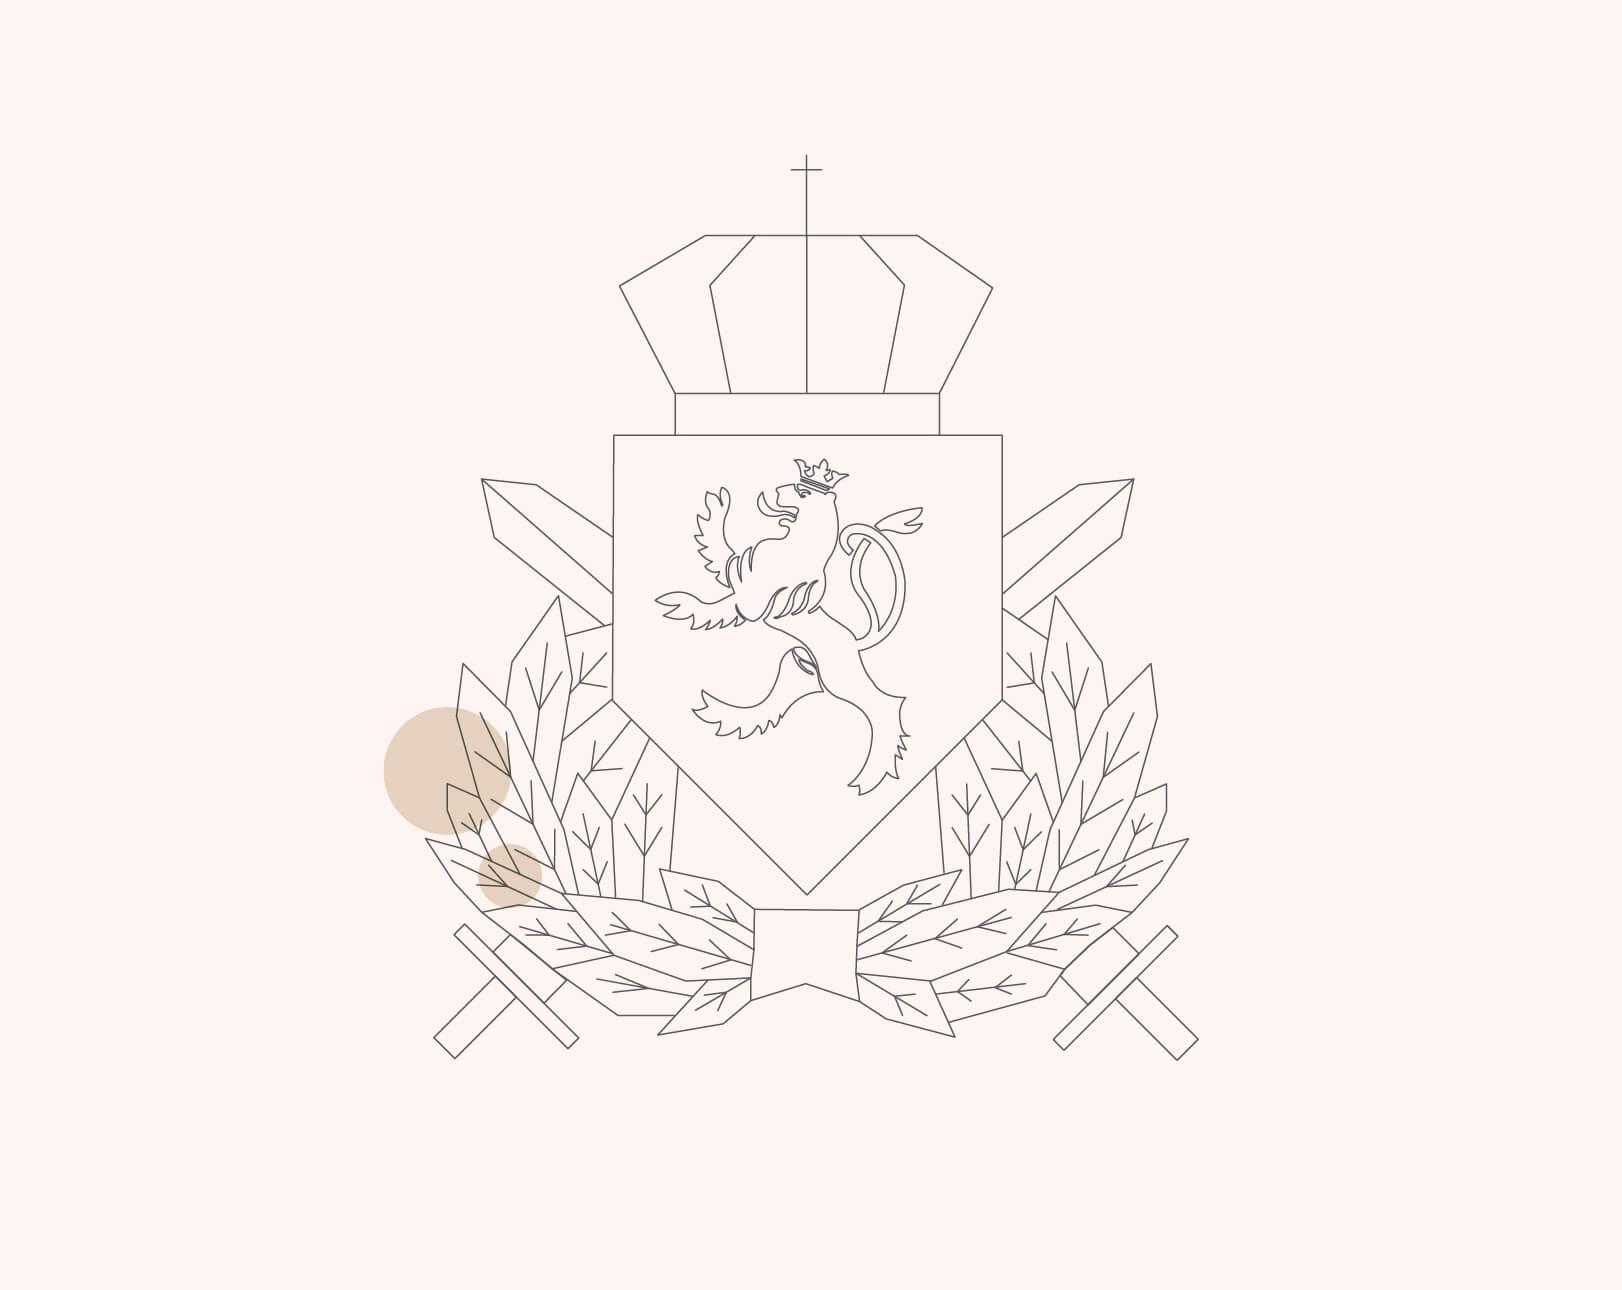 Ministère de la défense - vidéo d'animation